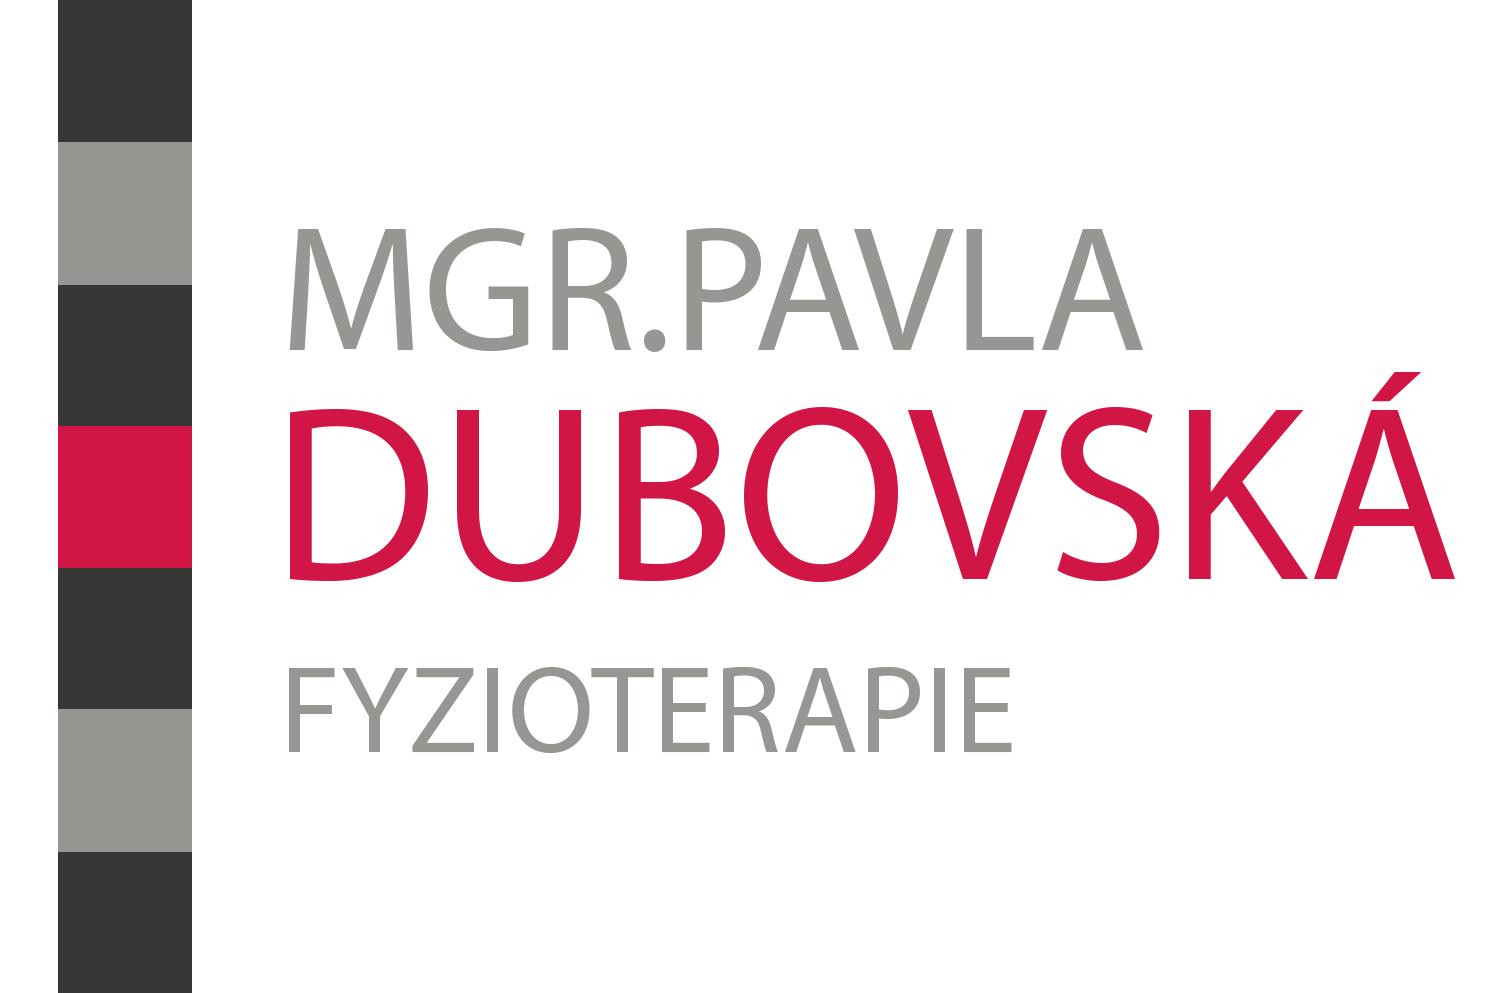 Mgr. Pavla Dubovská - fyzioterapie Znojmo